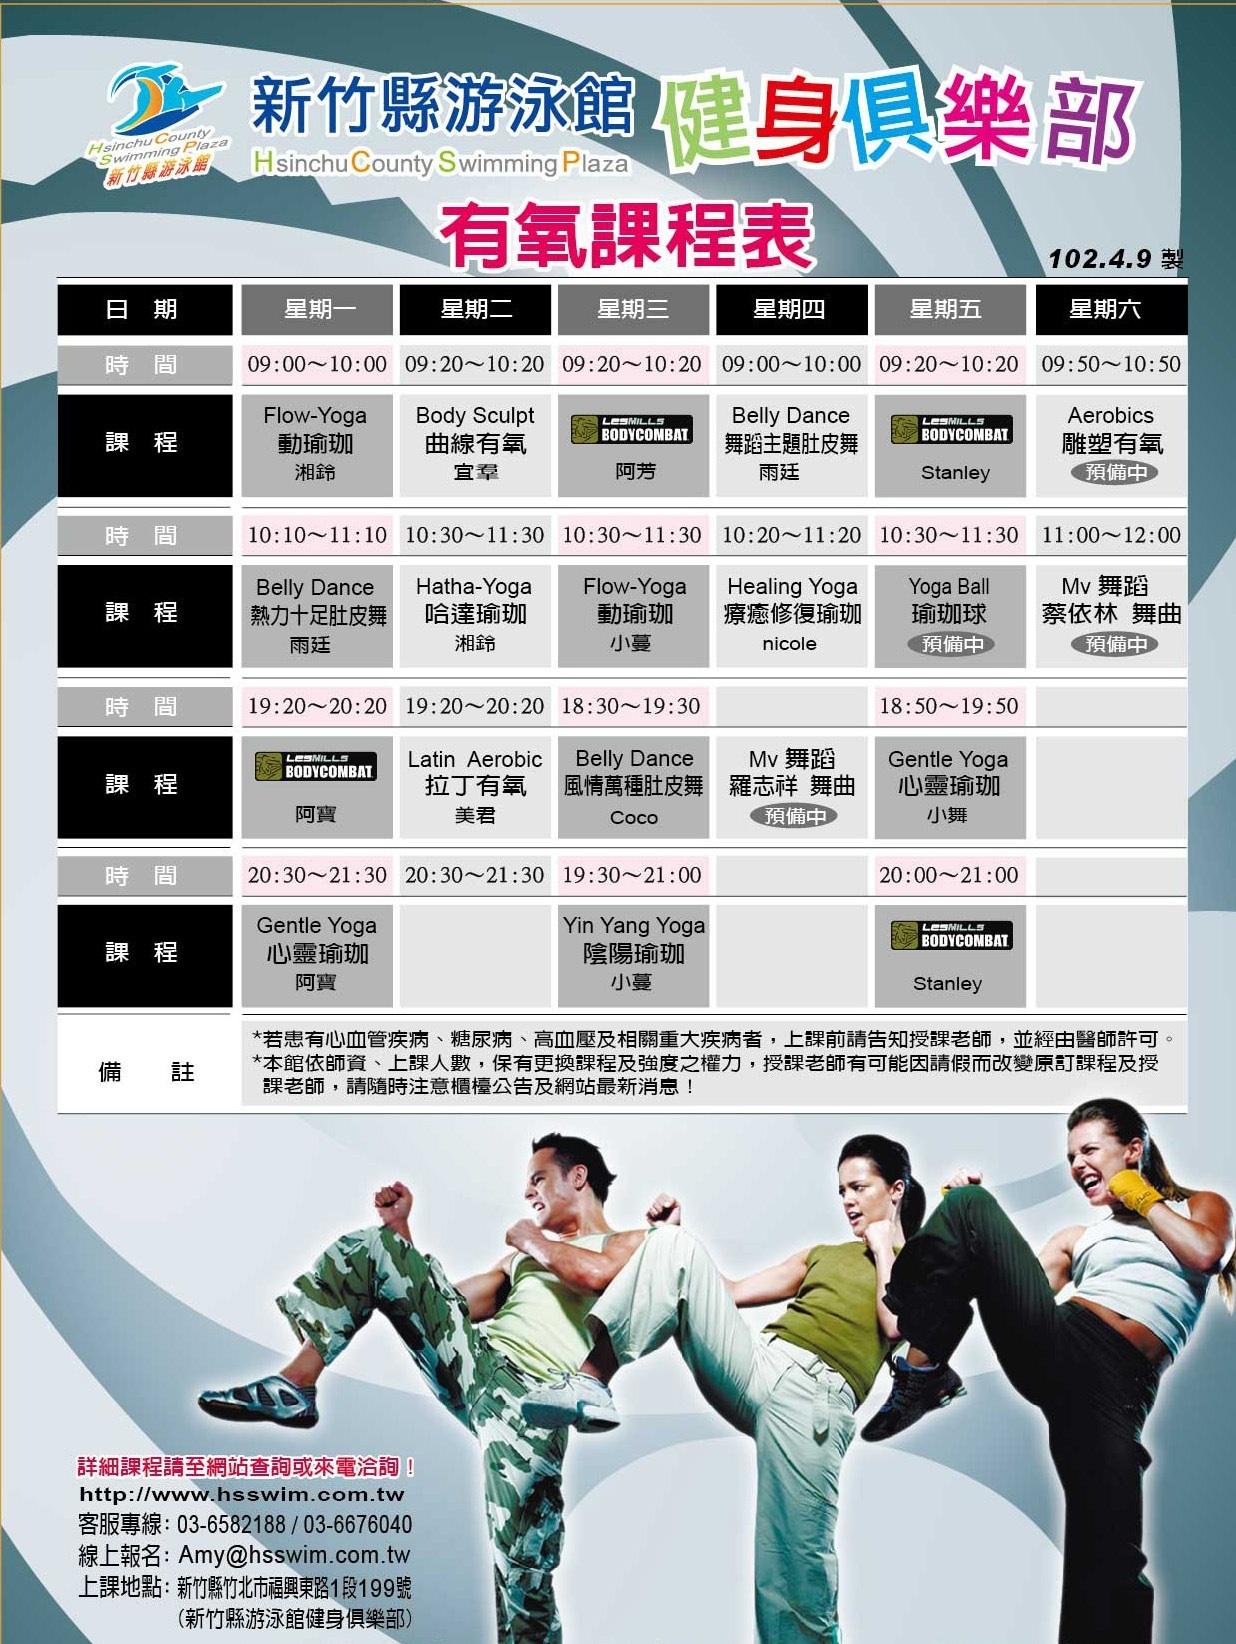 新竹县游泳馆-健身俱乐部有氧课程表图片